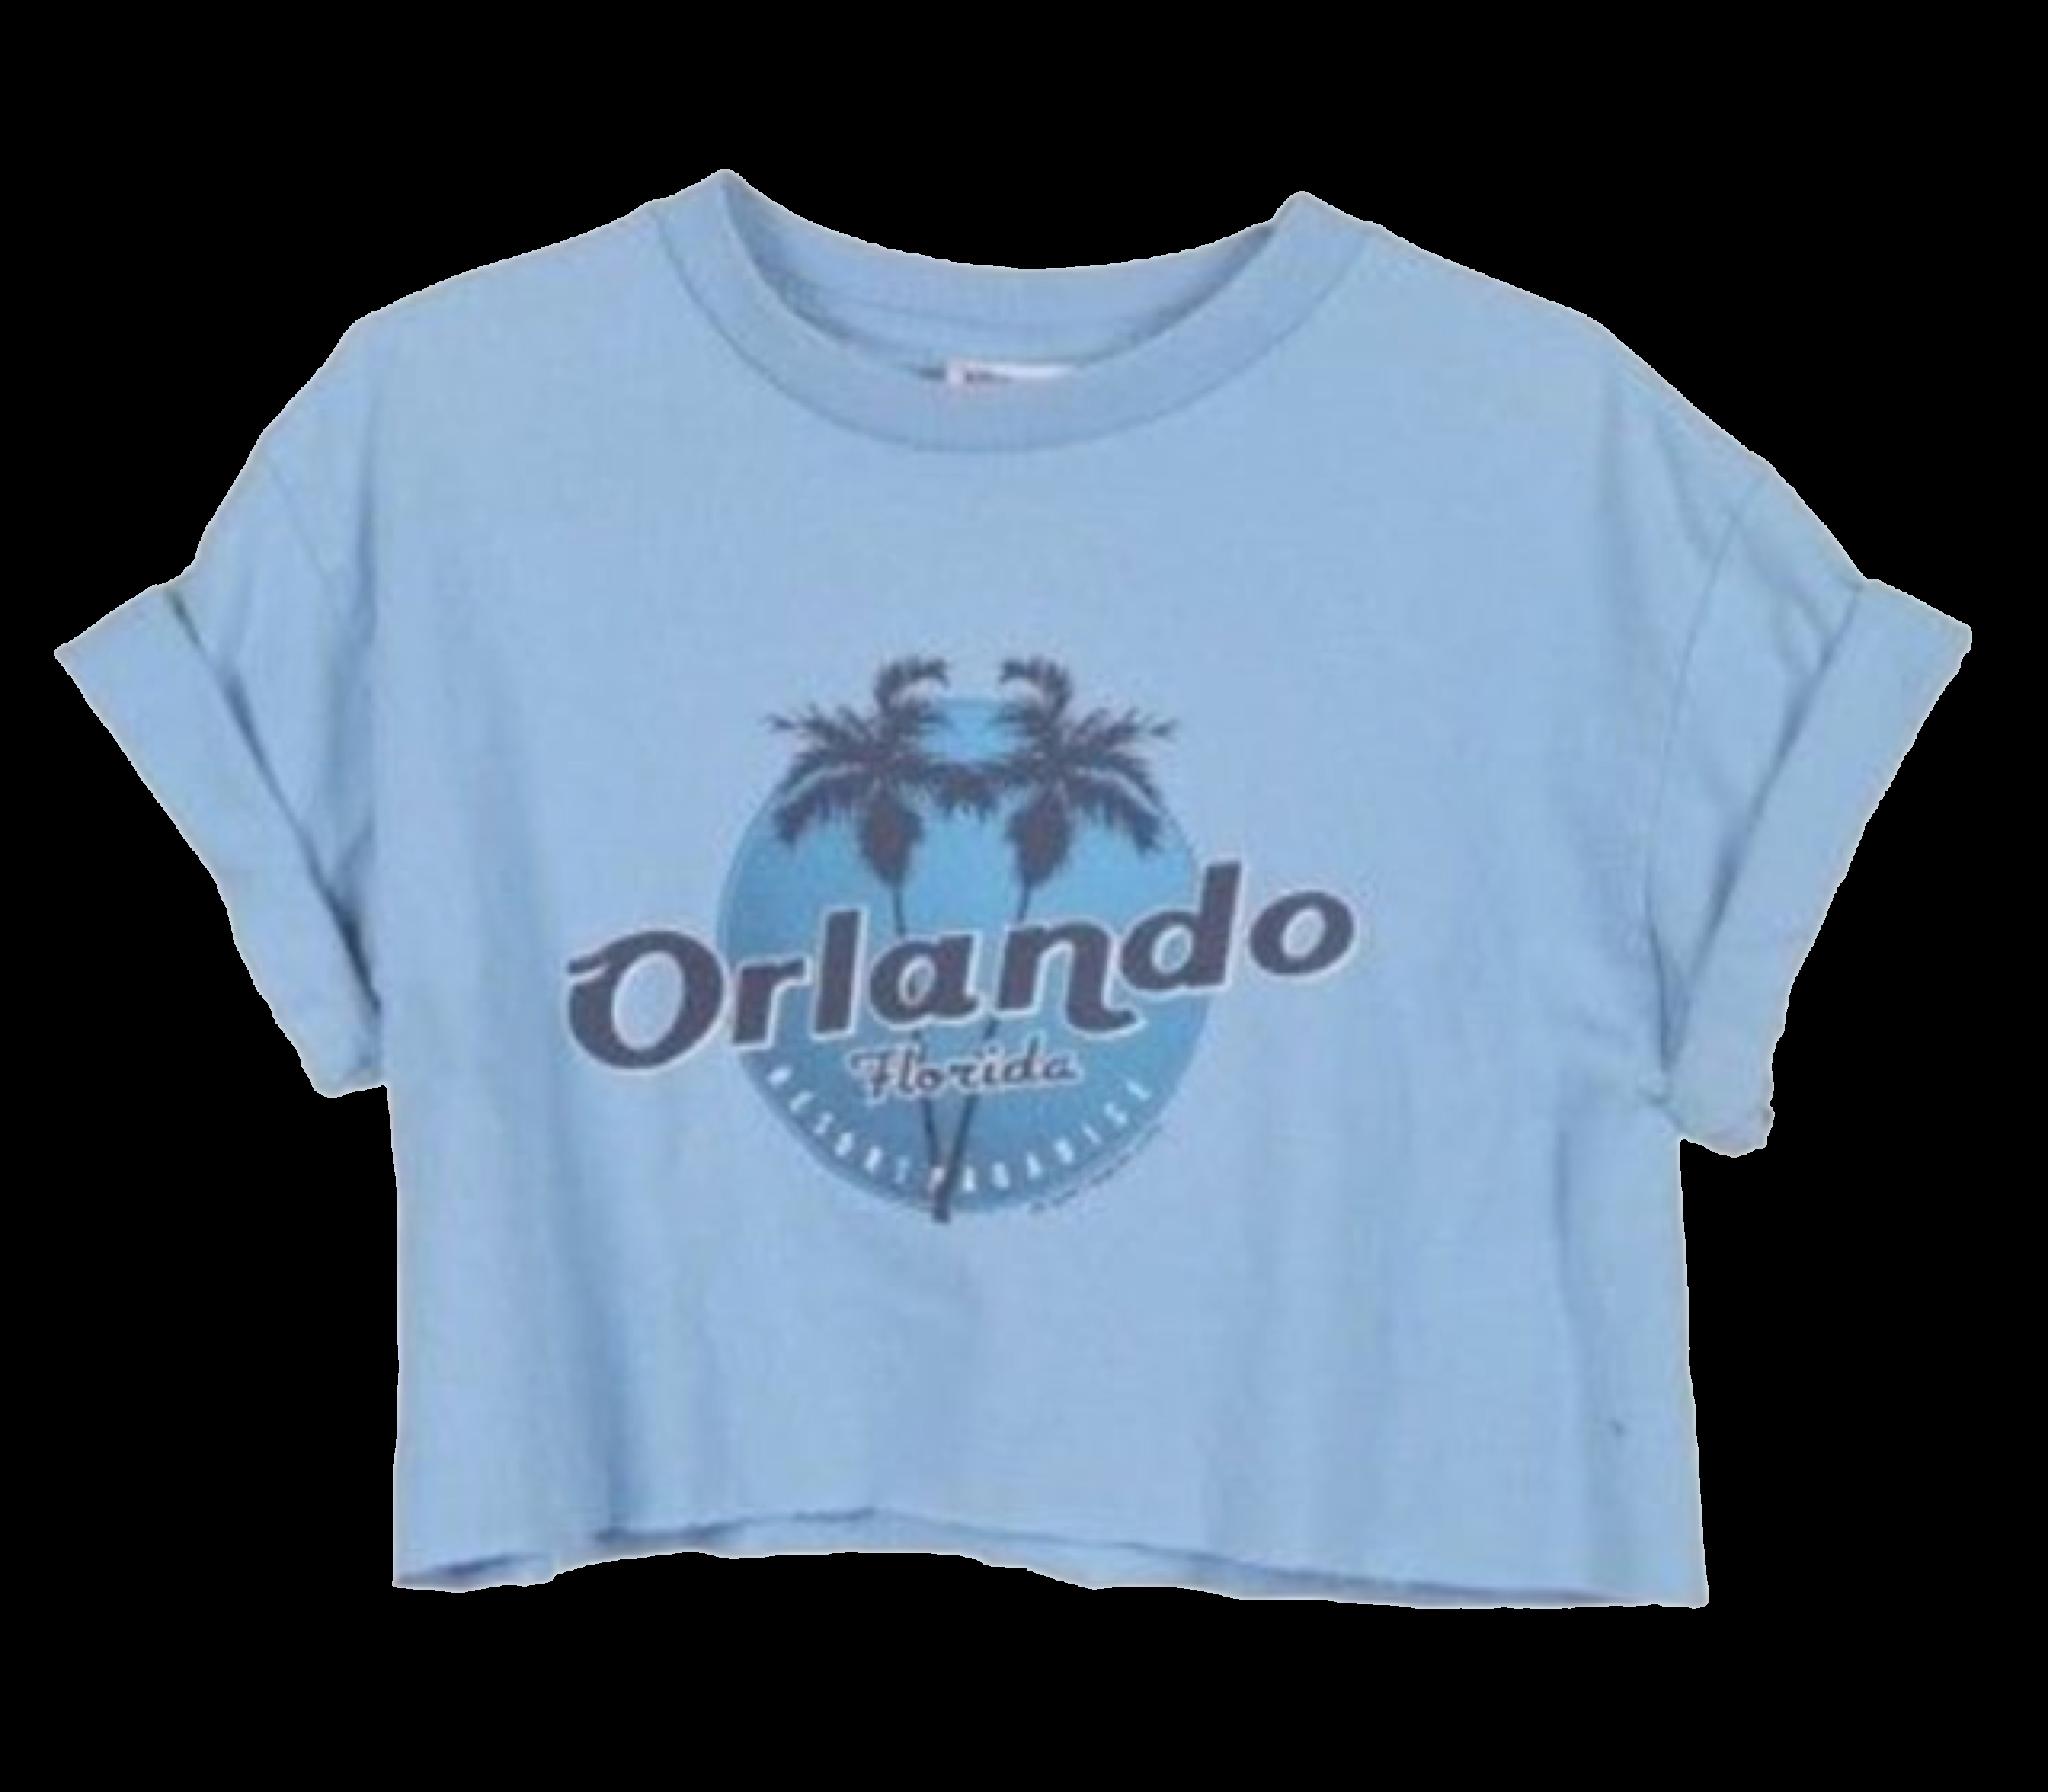 Blue Orlando T Shirt Png Aberdeen Jefferies Blue Tshirt Ootd Puppies Cats Summer Wallpapers Png Pngs T Shirt Png Recycled Shirts T Shirt